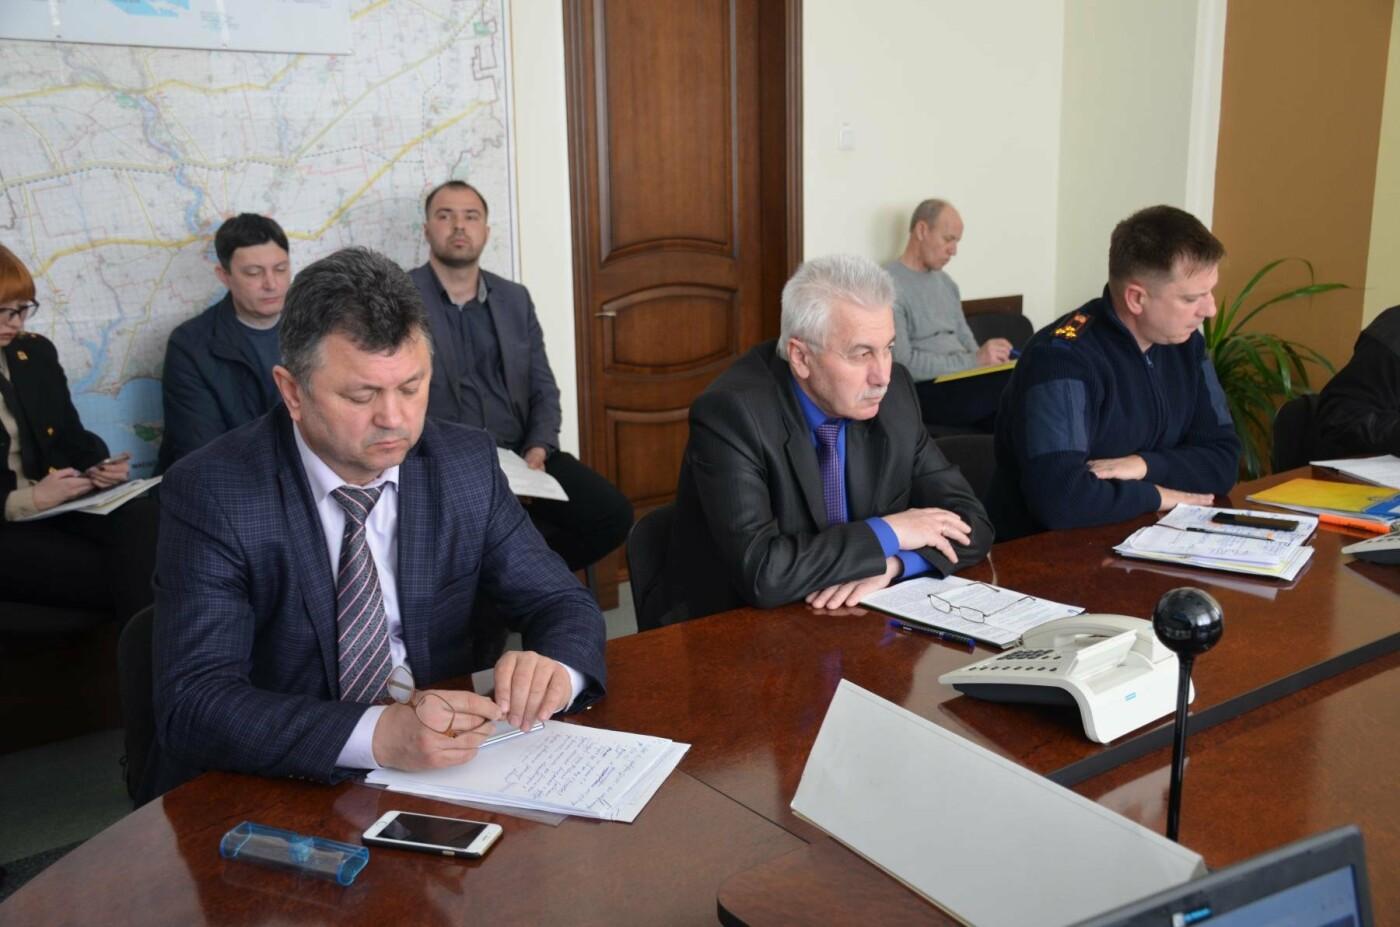 Николаевские спасатели обсудили безопасность торговых центров, лесов и церквей, - ФОТО, фото-4